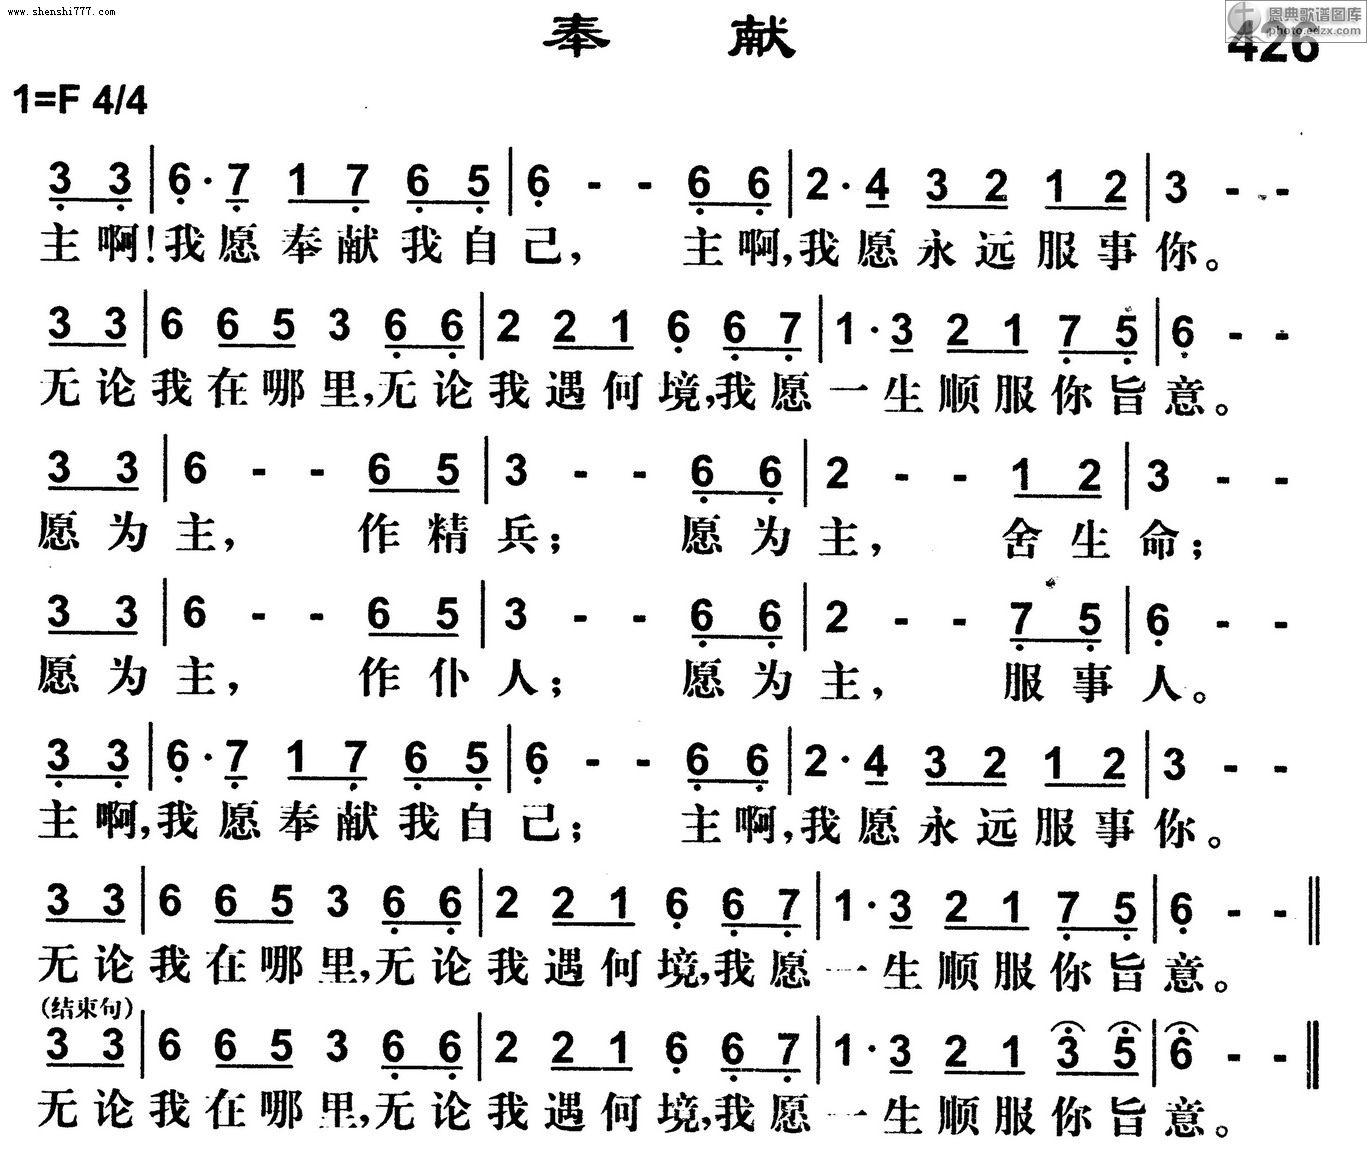 426首奉献 基督教歌谱赞美诗歌谱 -426首奉献